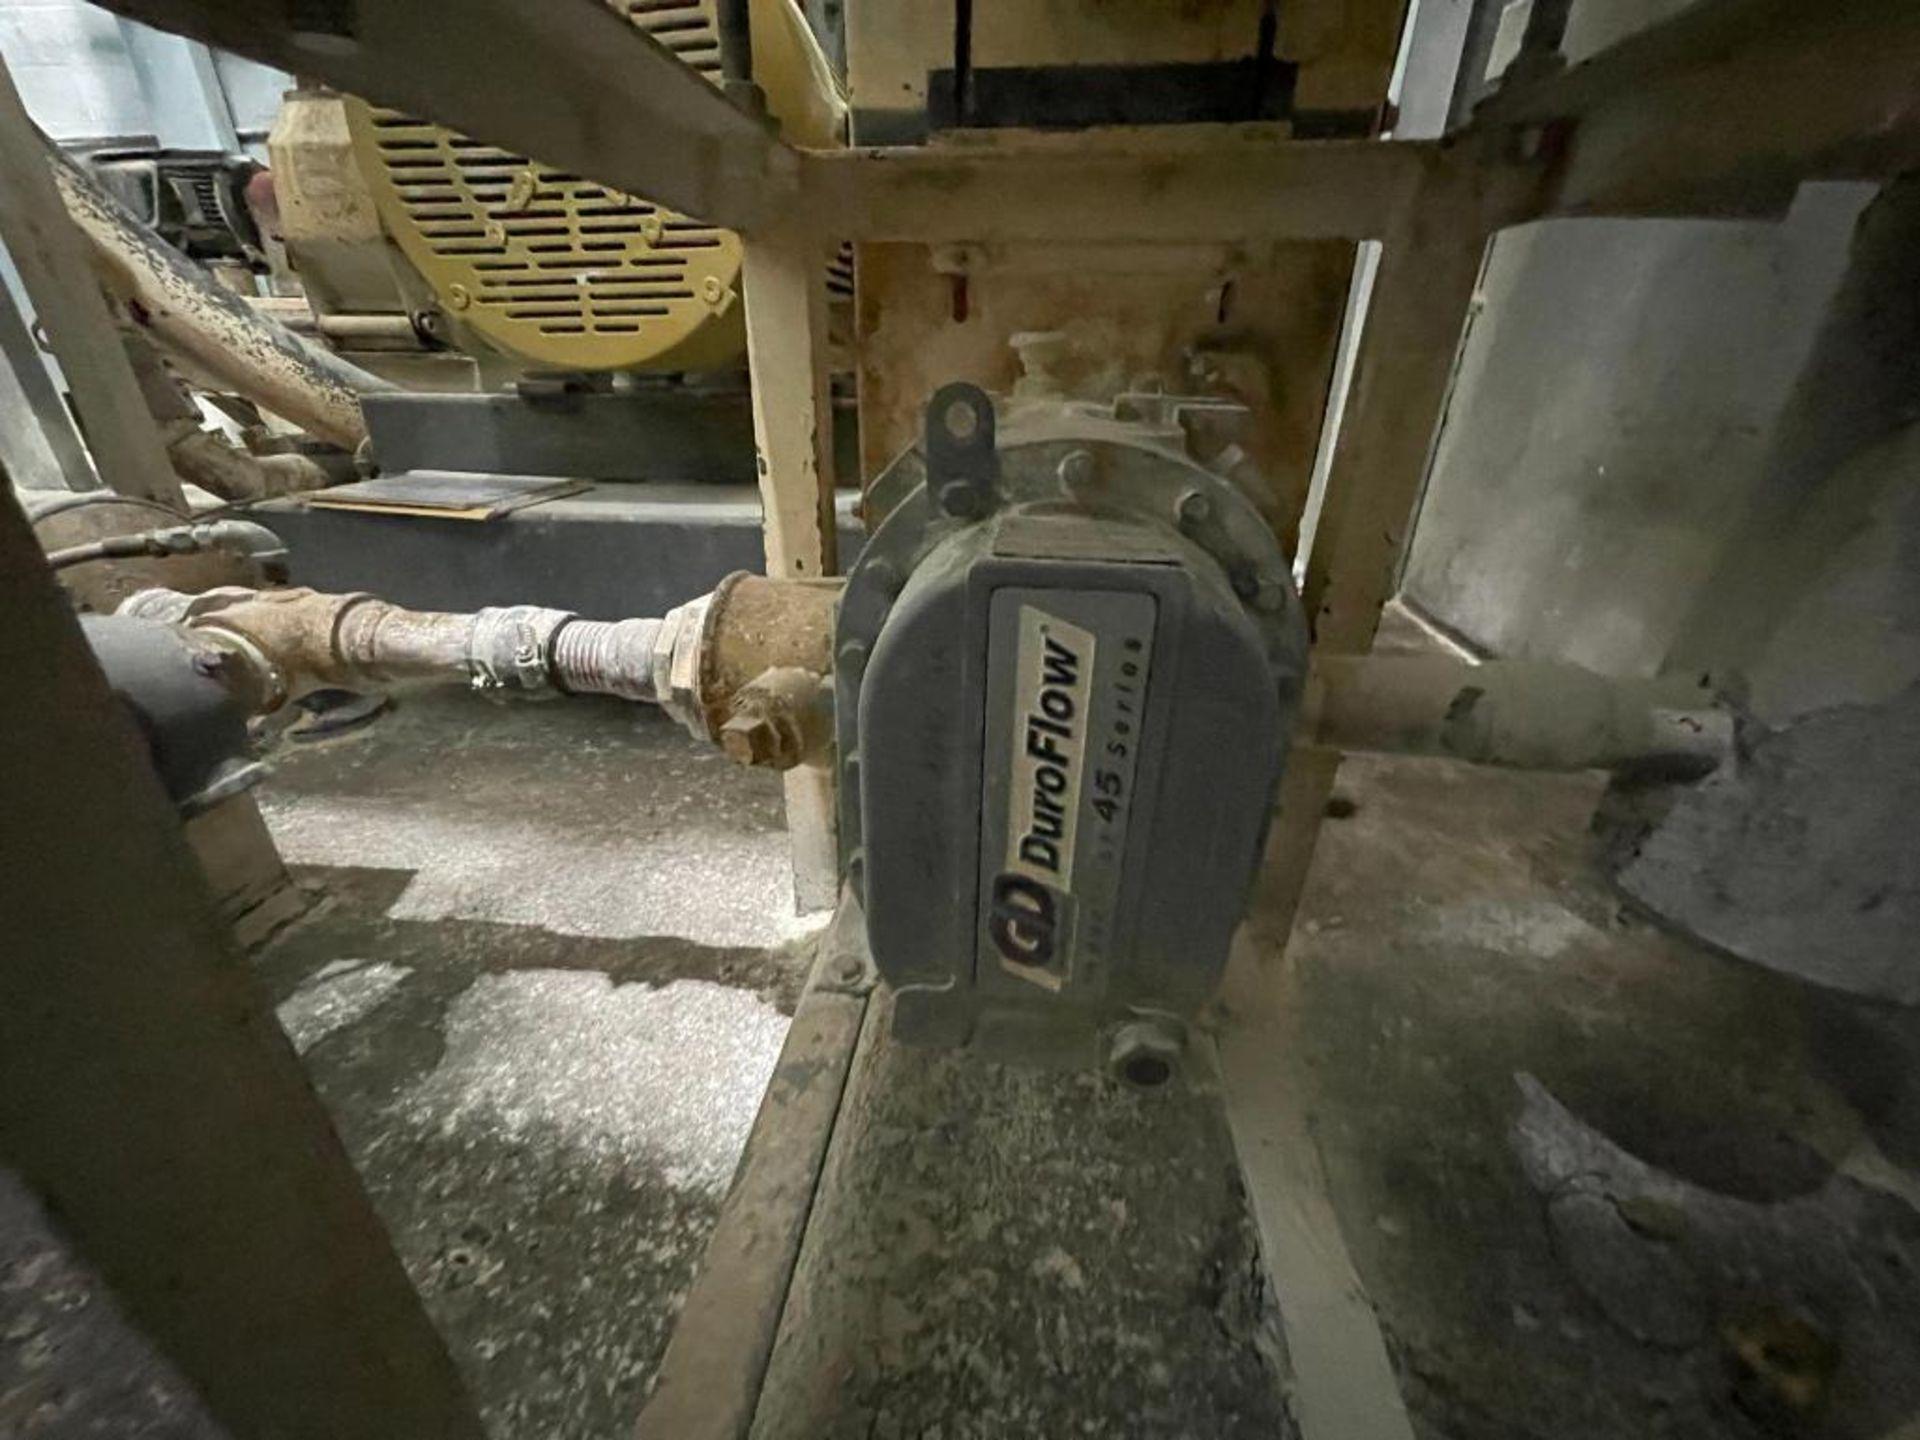 Gardner Denver Duroflow rotary positive blower - Image 5 of 14